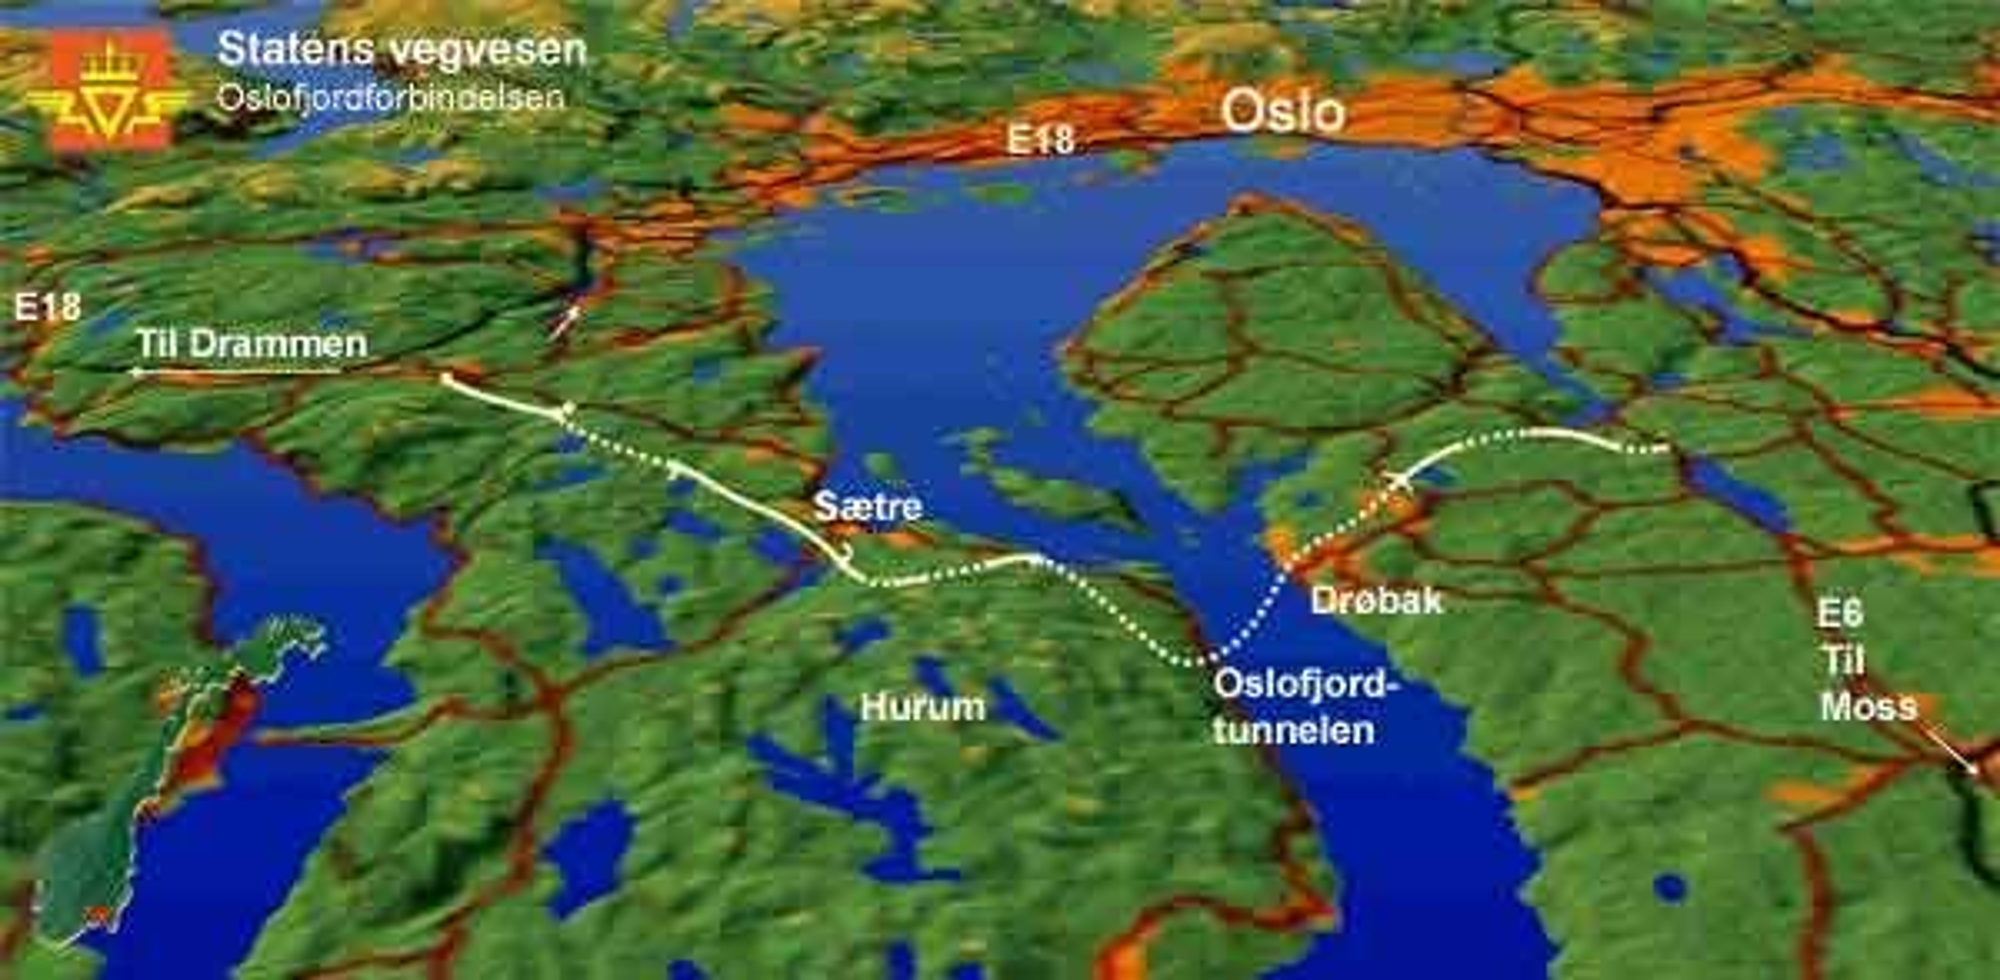 Kart over Oslofjordtunnelen med tilbringerveier.